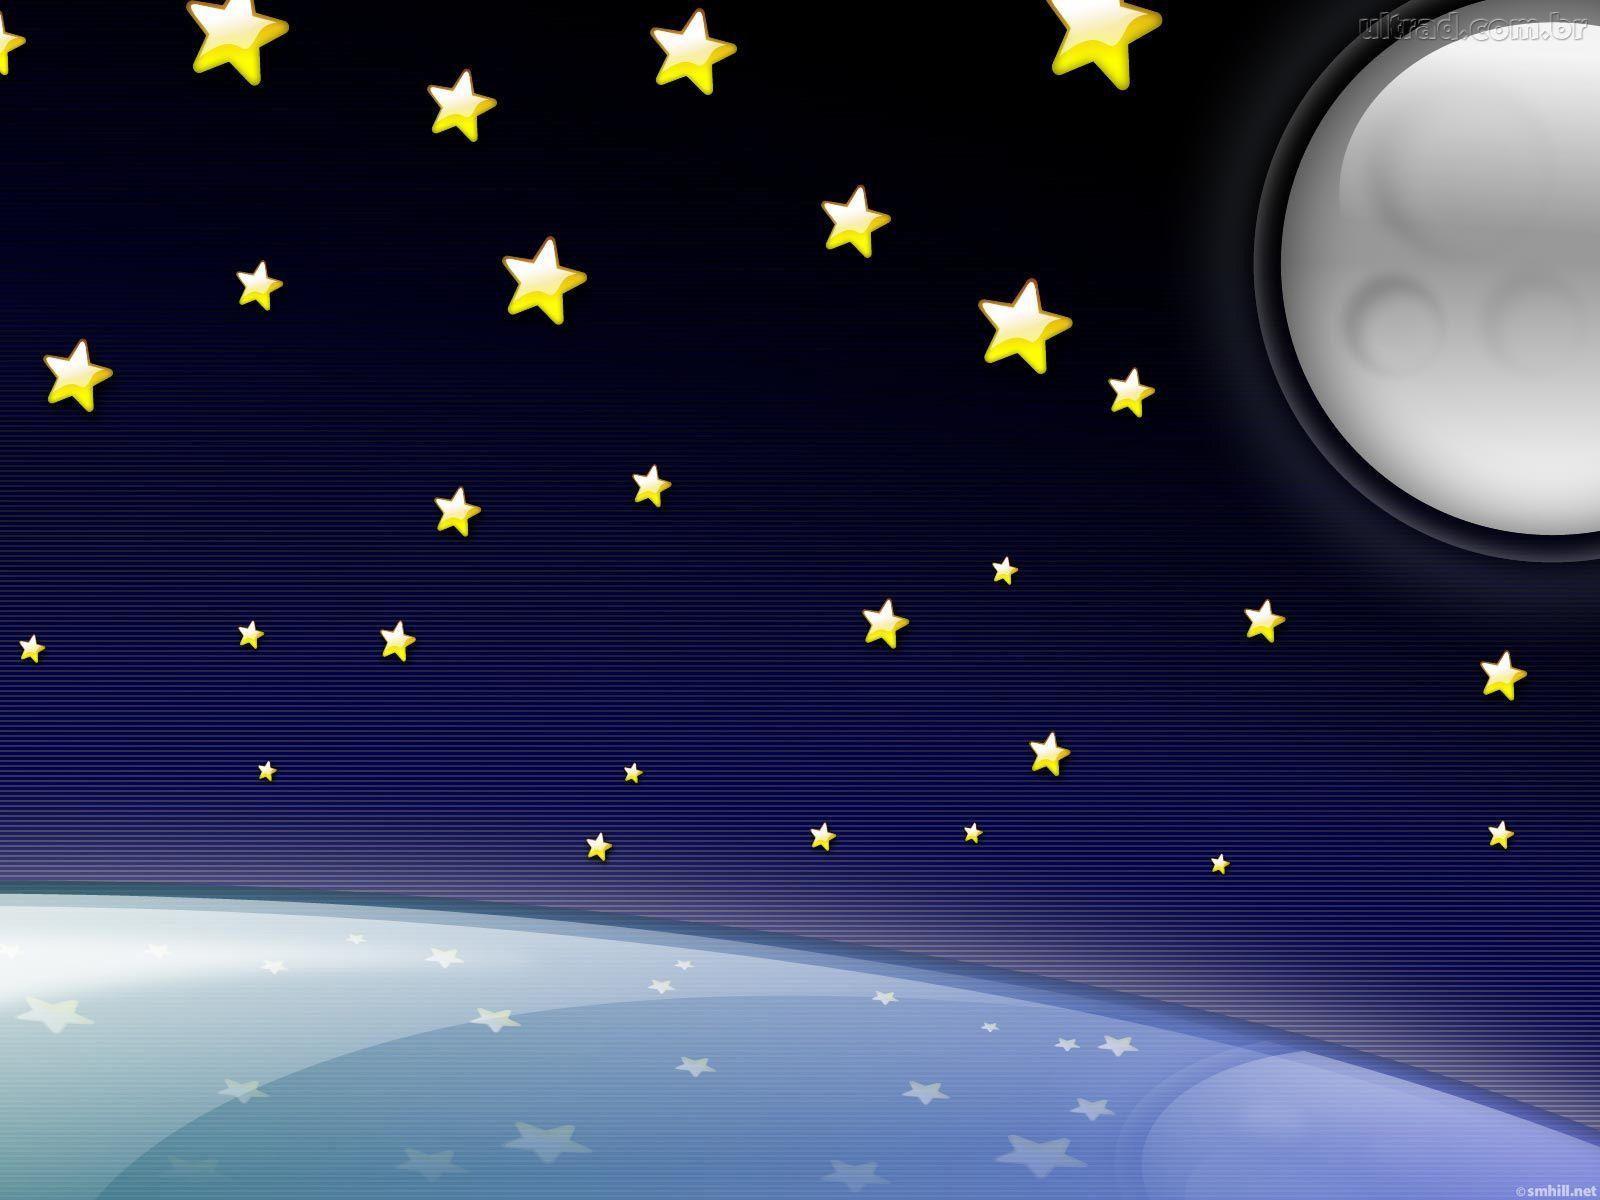 Desenho De Boa Noite: Desenhos Noite - Pesquisa Google